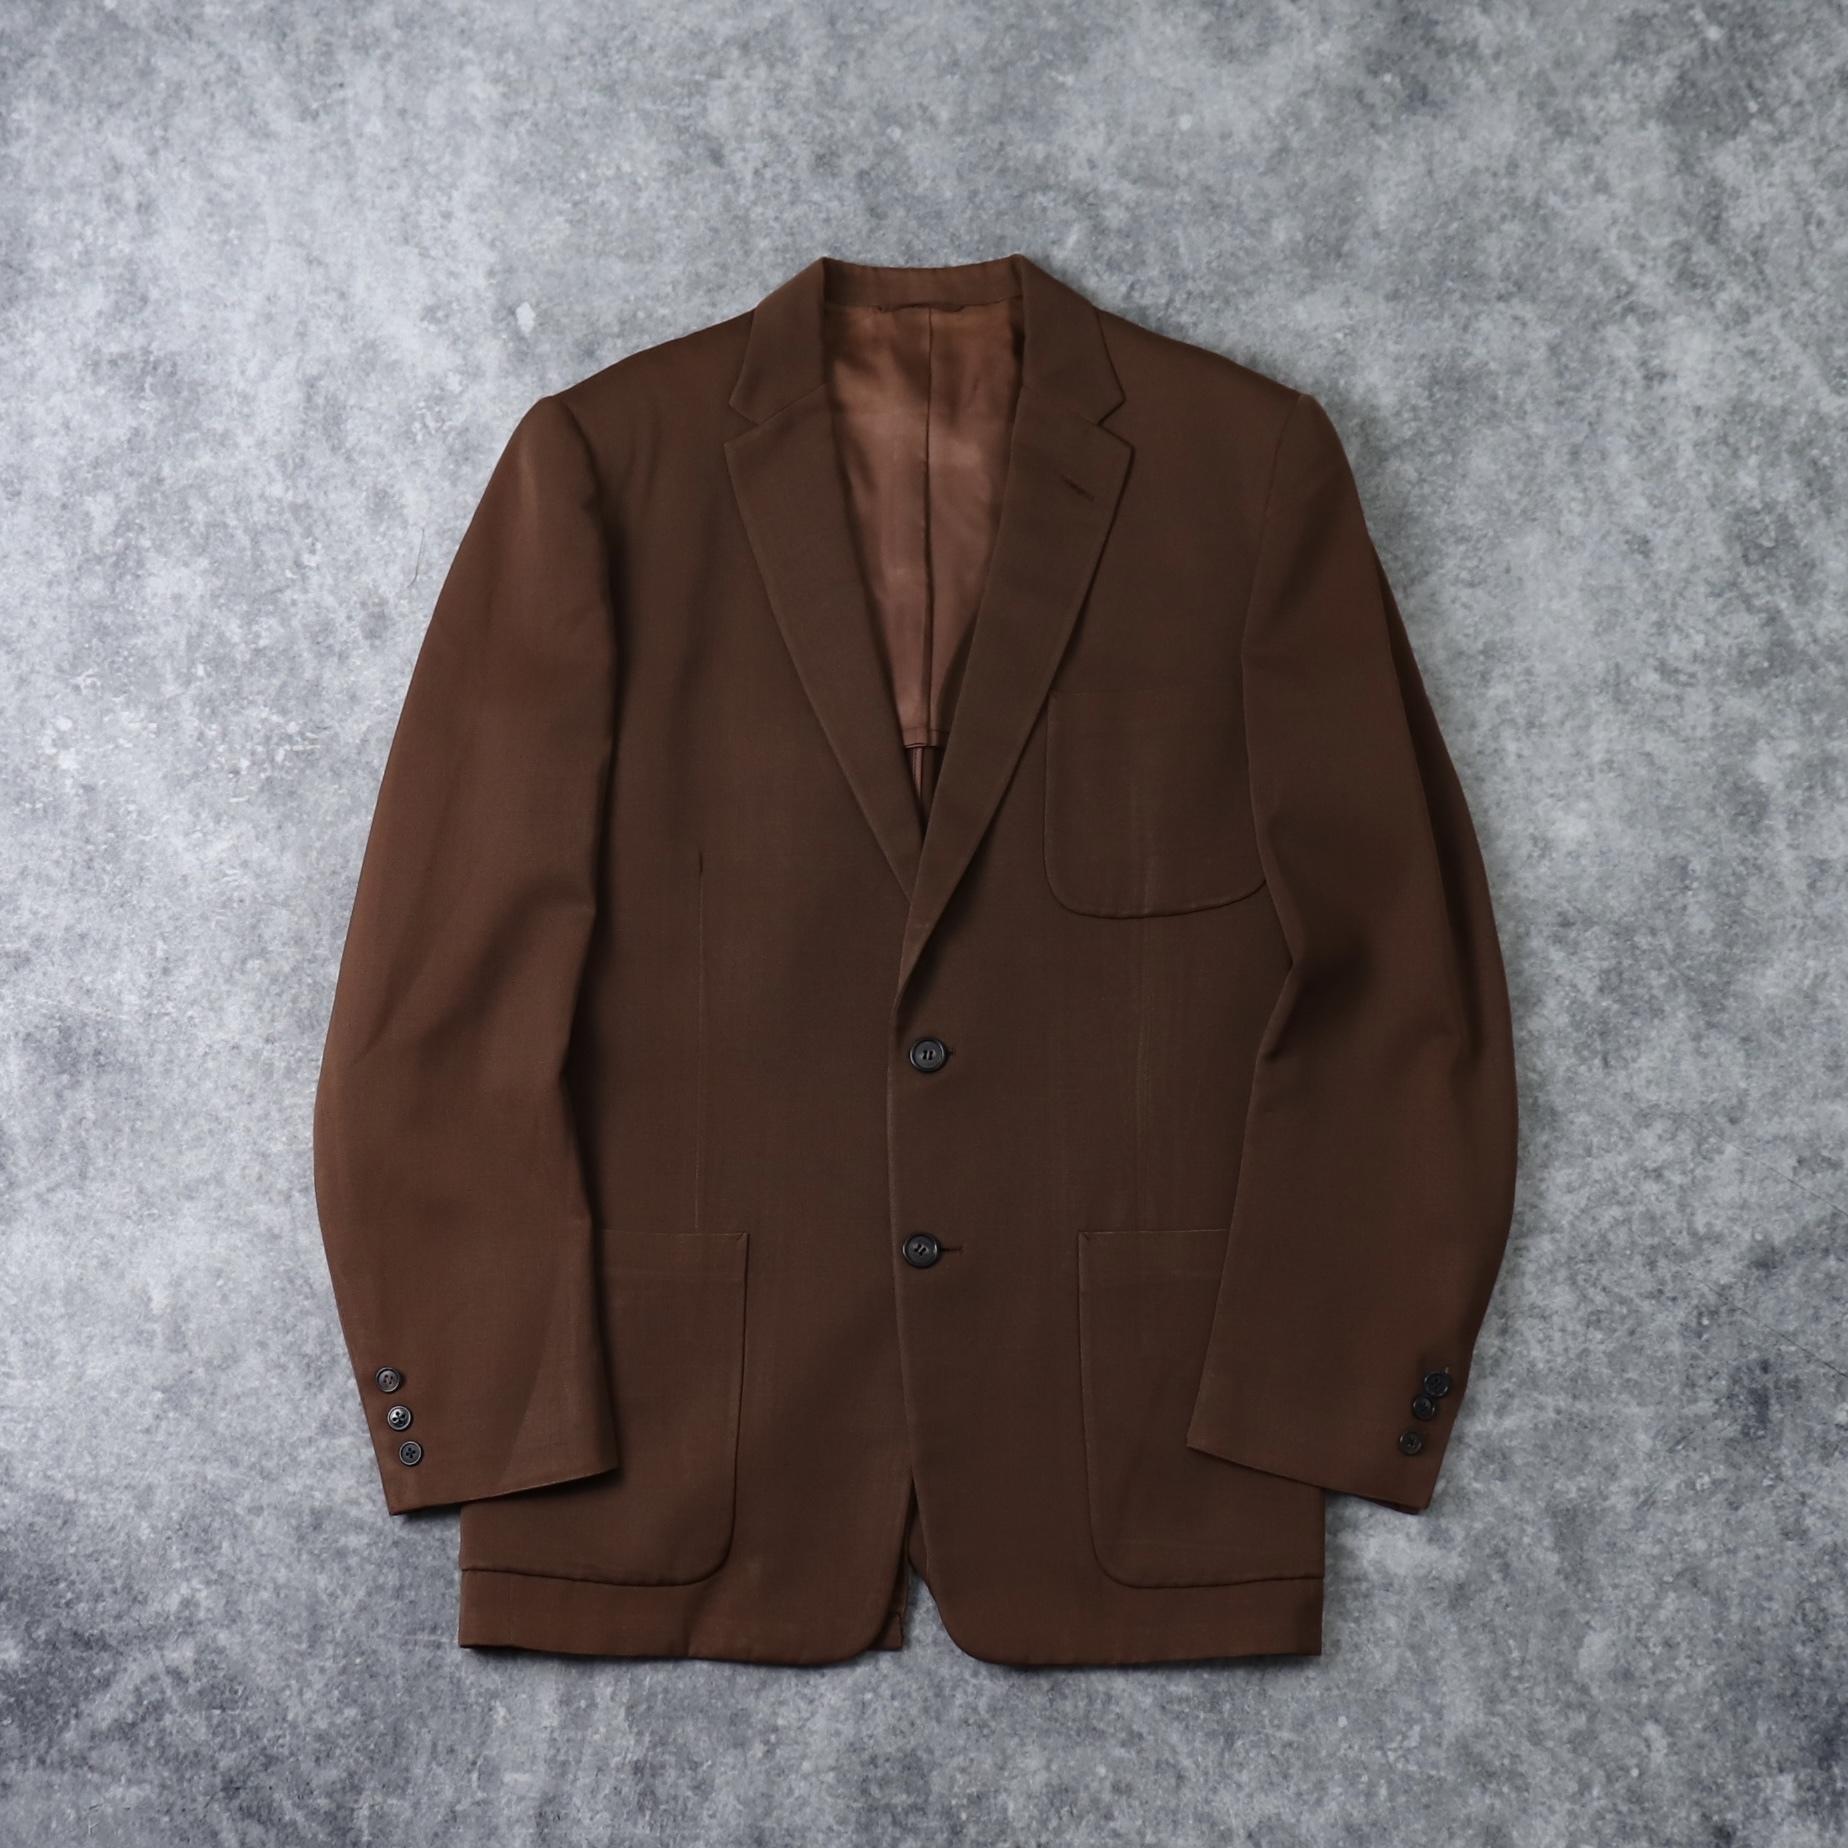 50's ''Bond CLOTHES'' Tailored Jacket 50年代 テーラードジャケット ビンテージスーツ オールドスーツ ビンテージテーラードジャケット A509